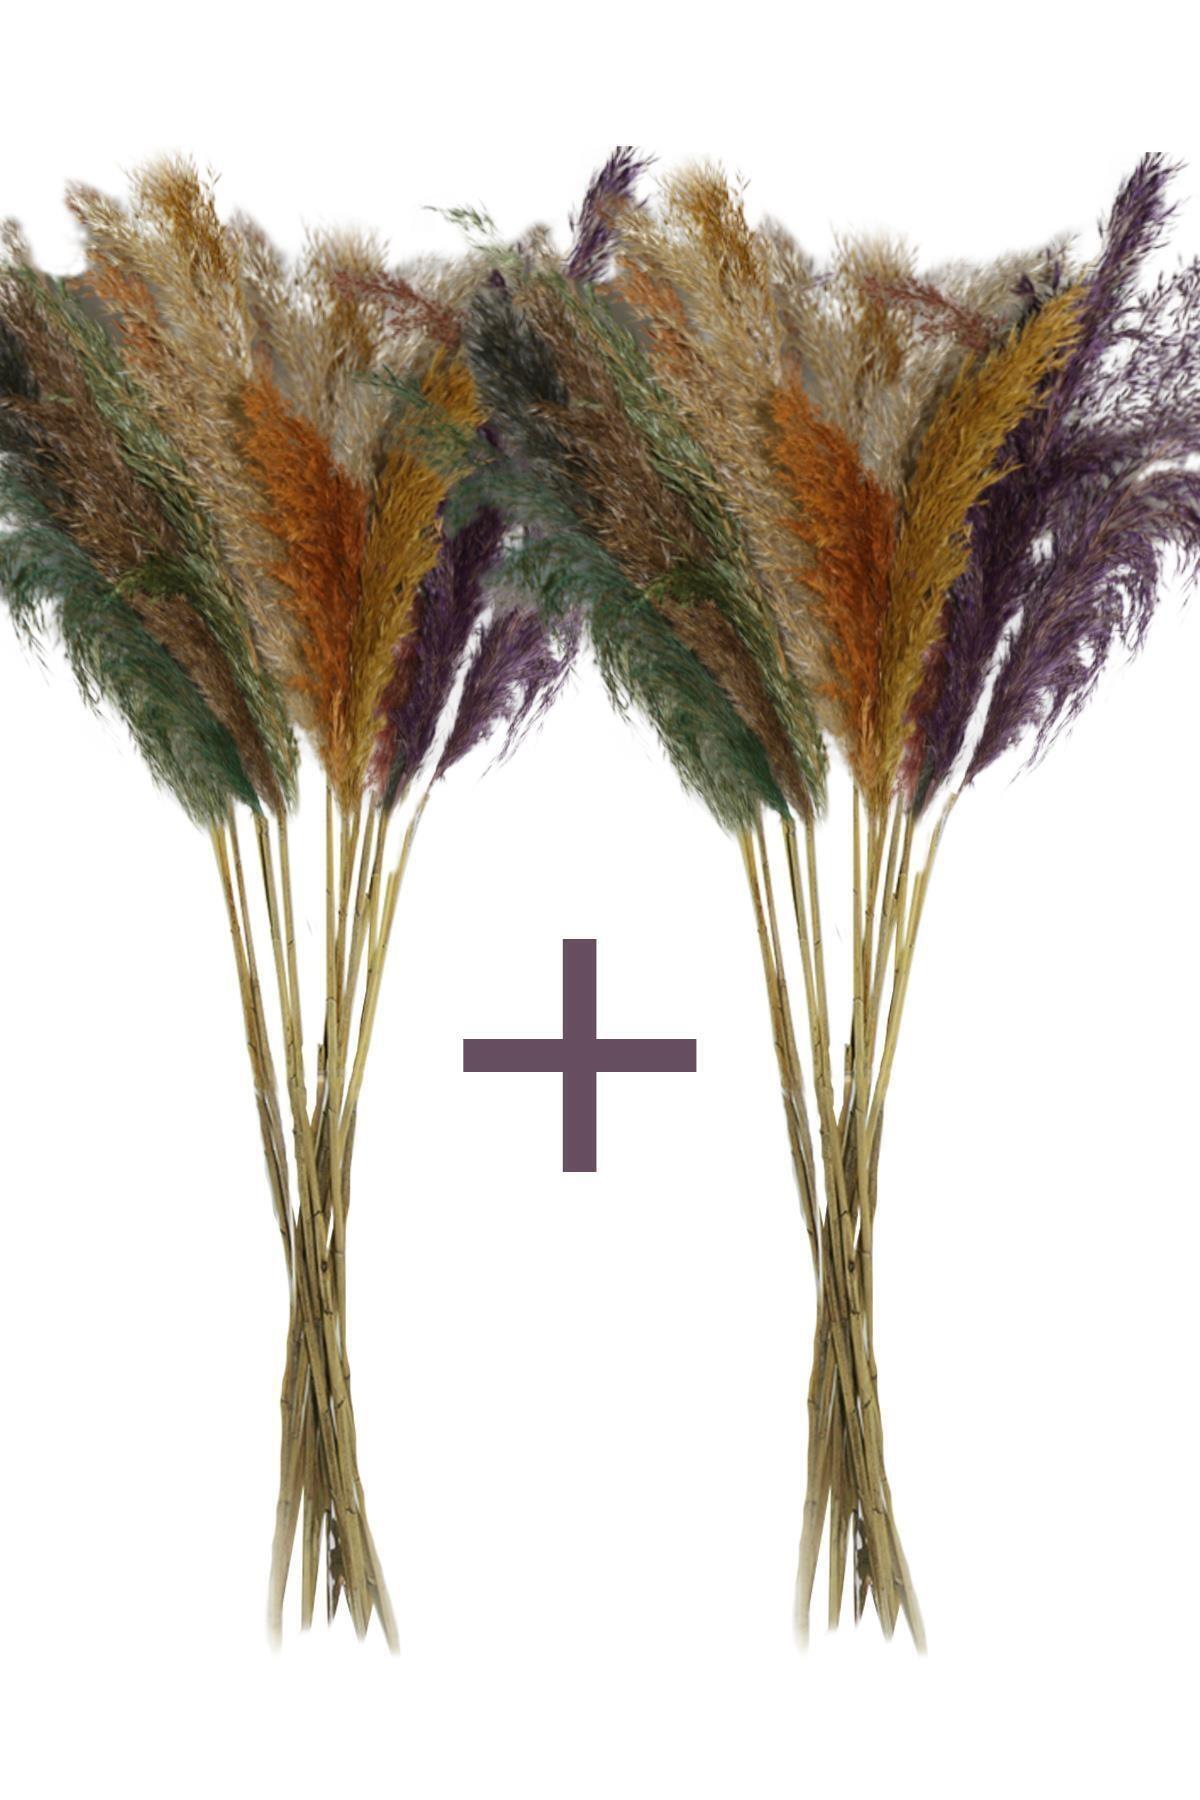 Dekolia Pampas - Kuru Çiçek 30 Adet 100 Cm Karışık Renkli 1